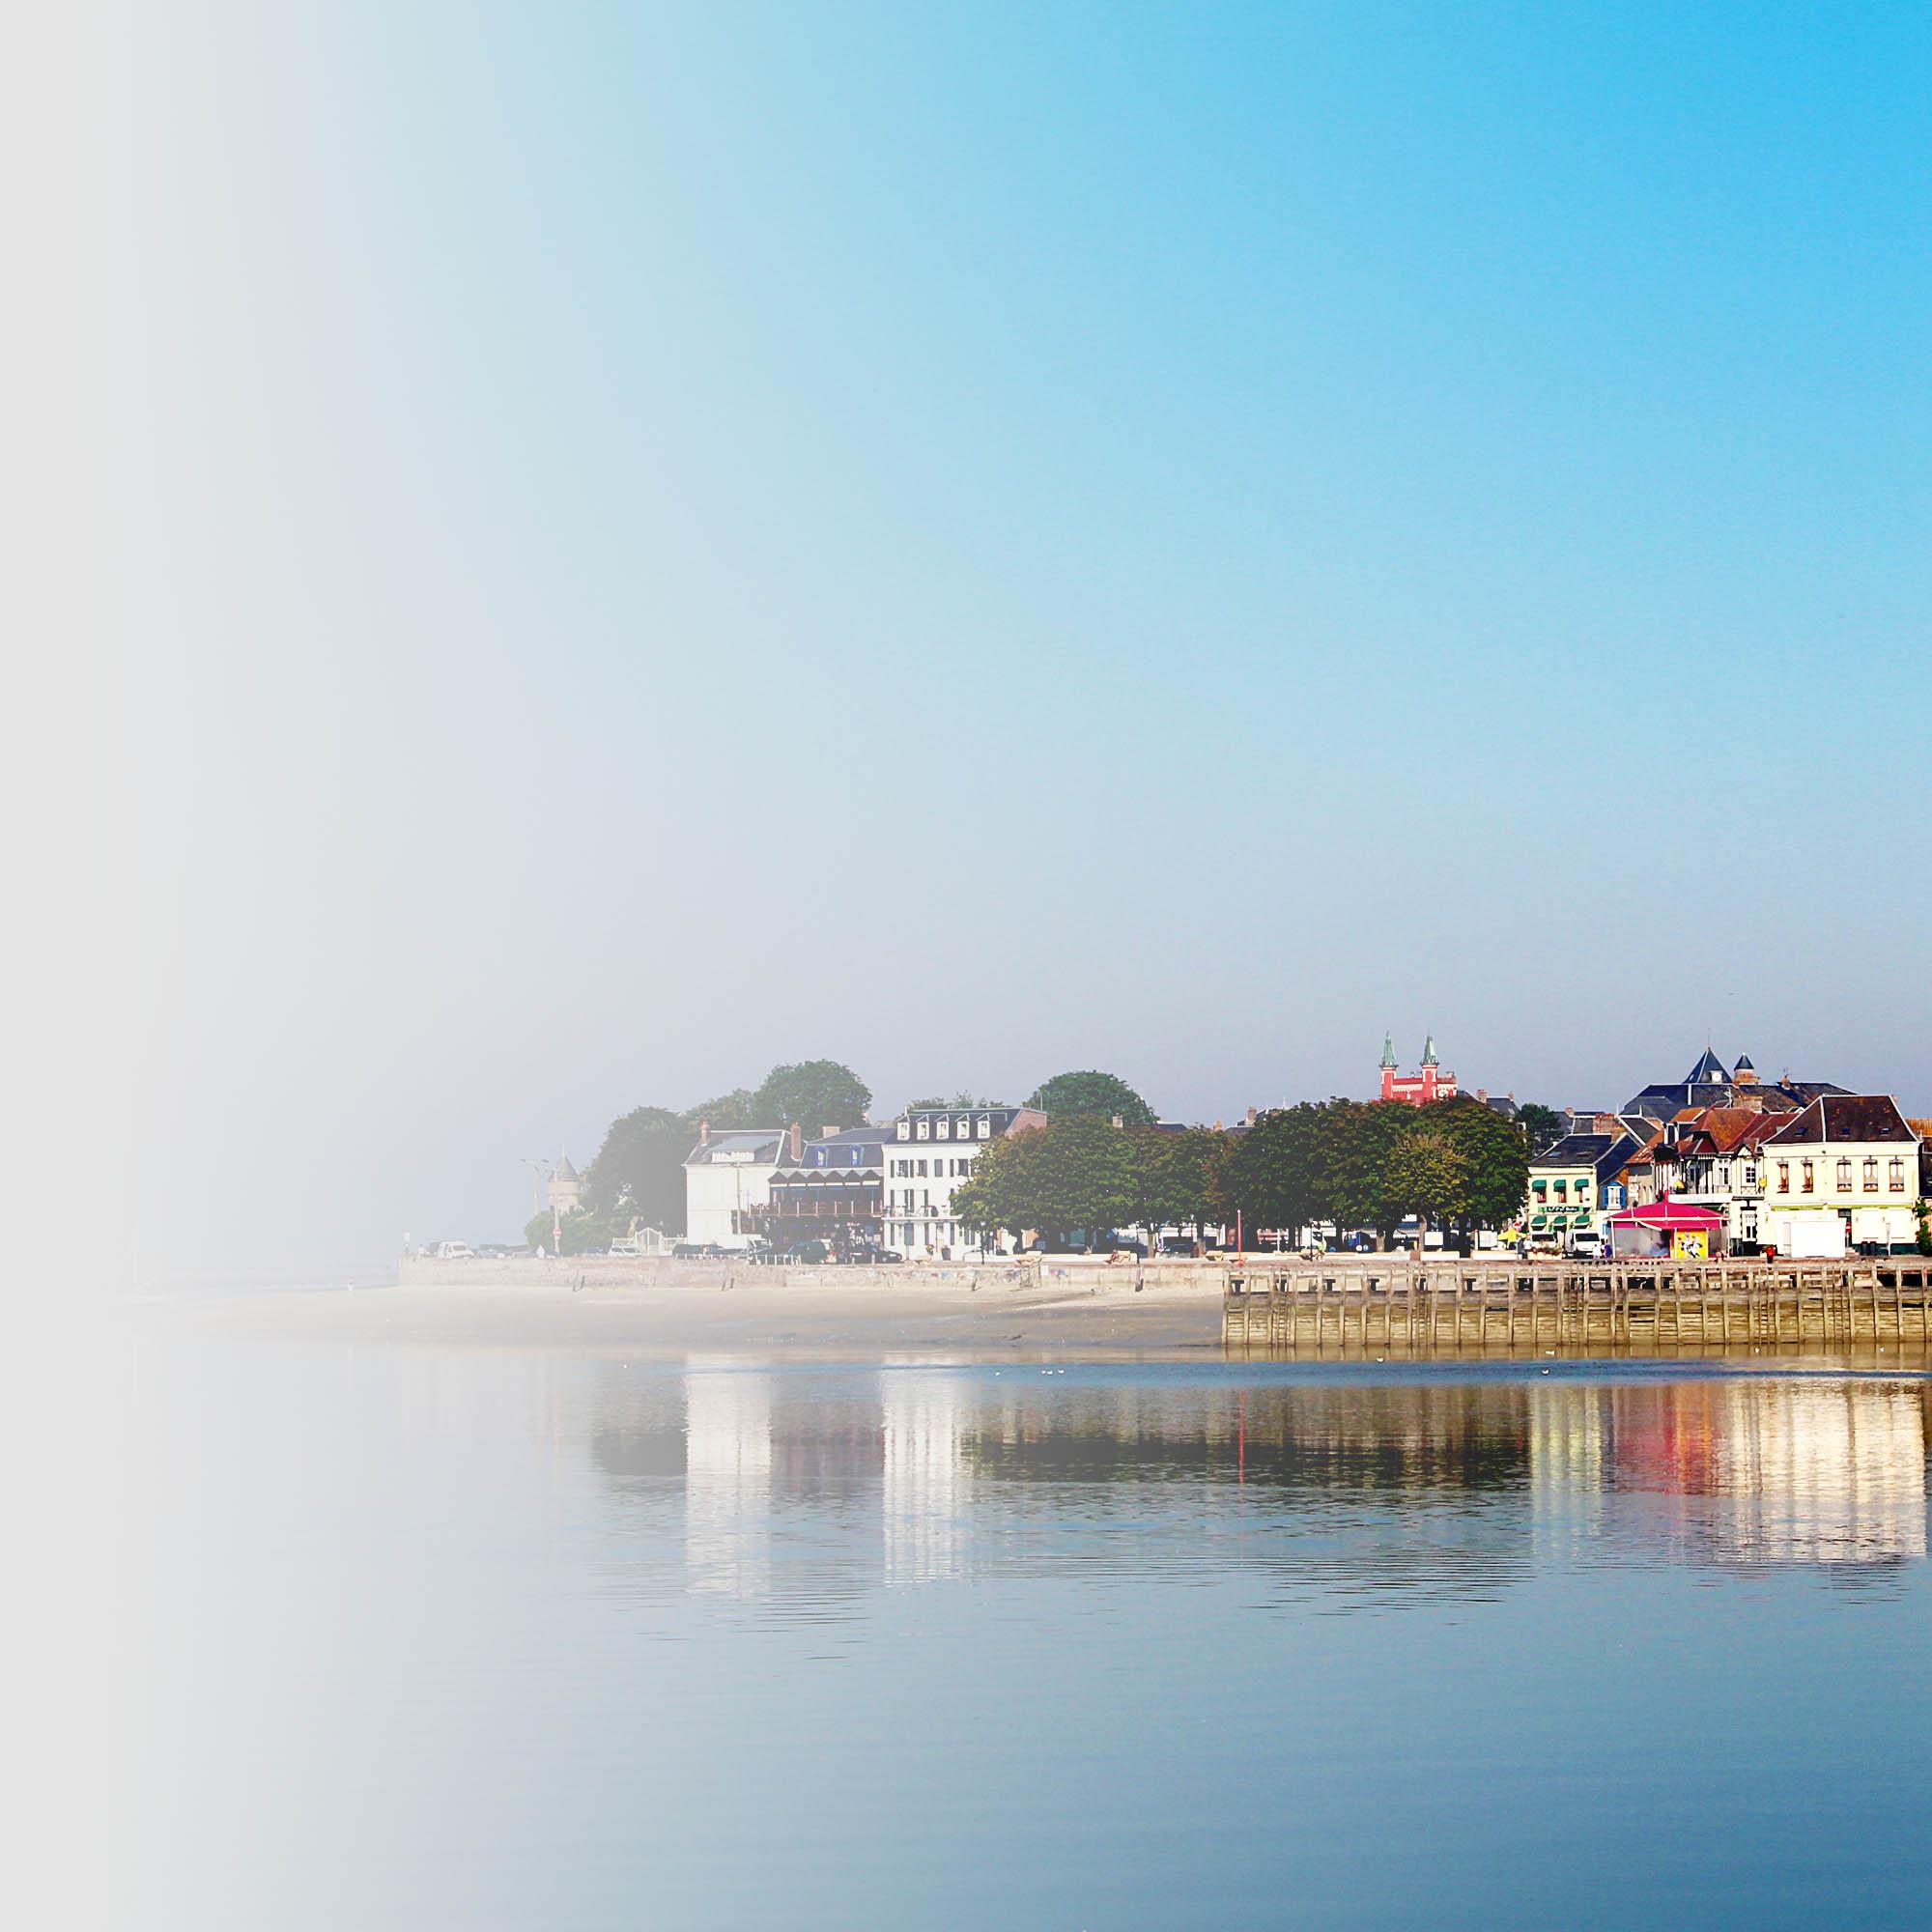 Bord de plage -Hôtel Restauarant Les Aviateurs Le Crotoy - Baie de Somme